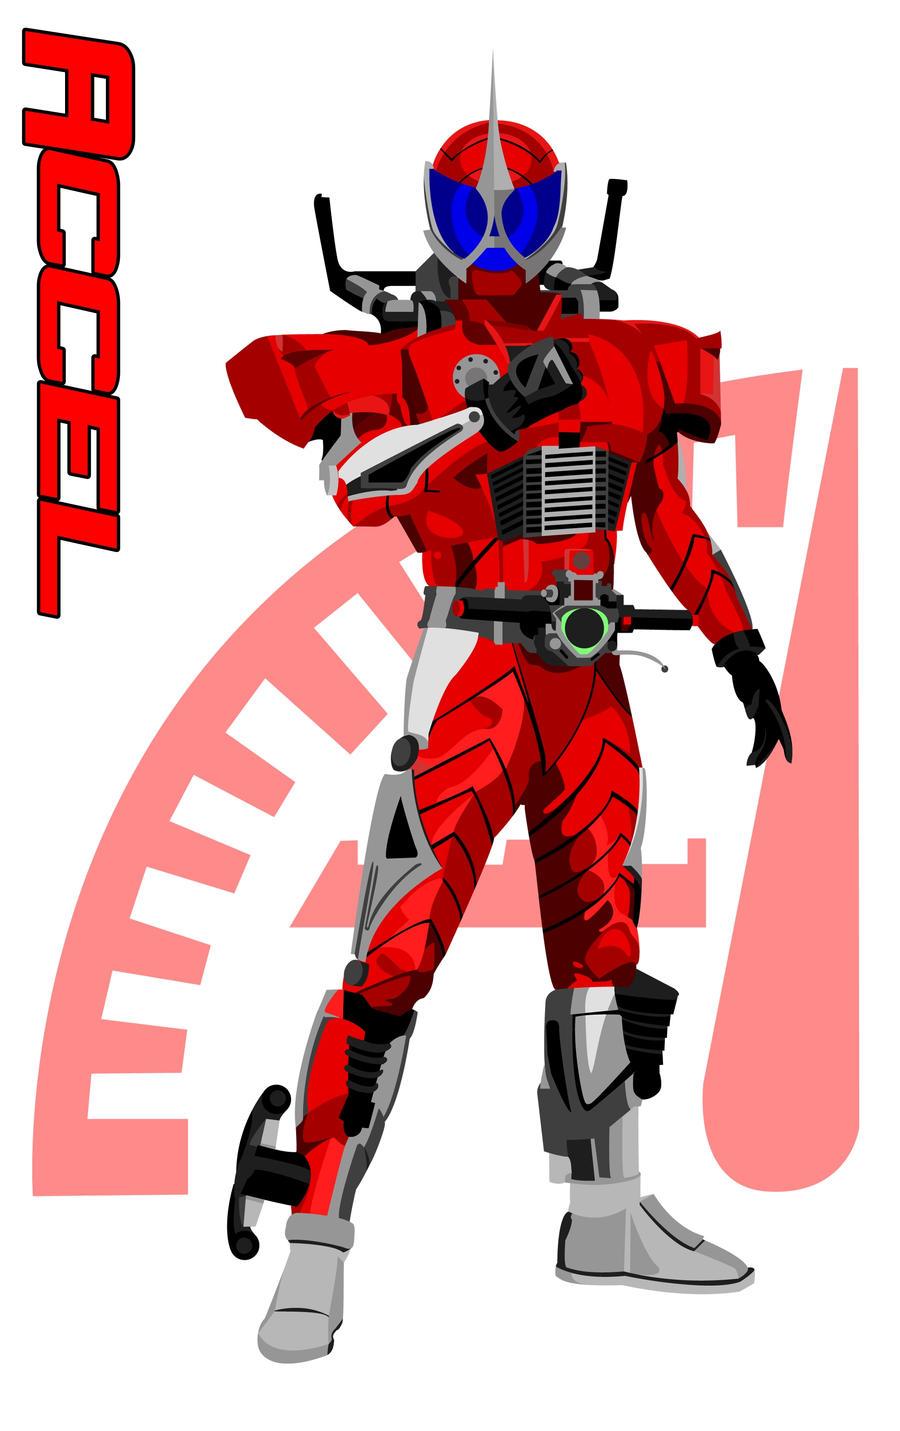 Image - Battride Wars Kamen Rider Accel.png   Kamen Rider ...  Kamen Rider Accel